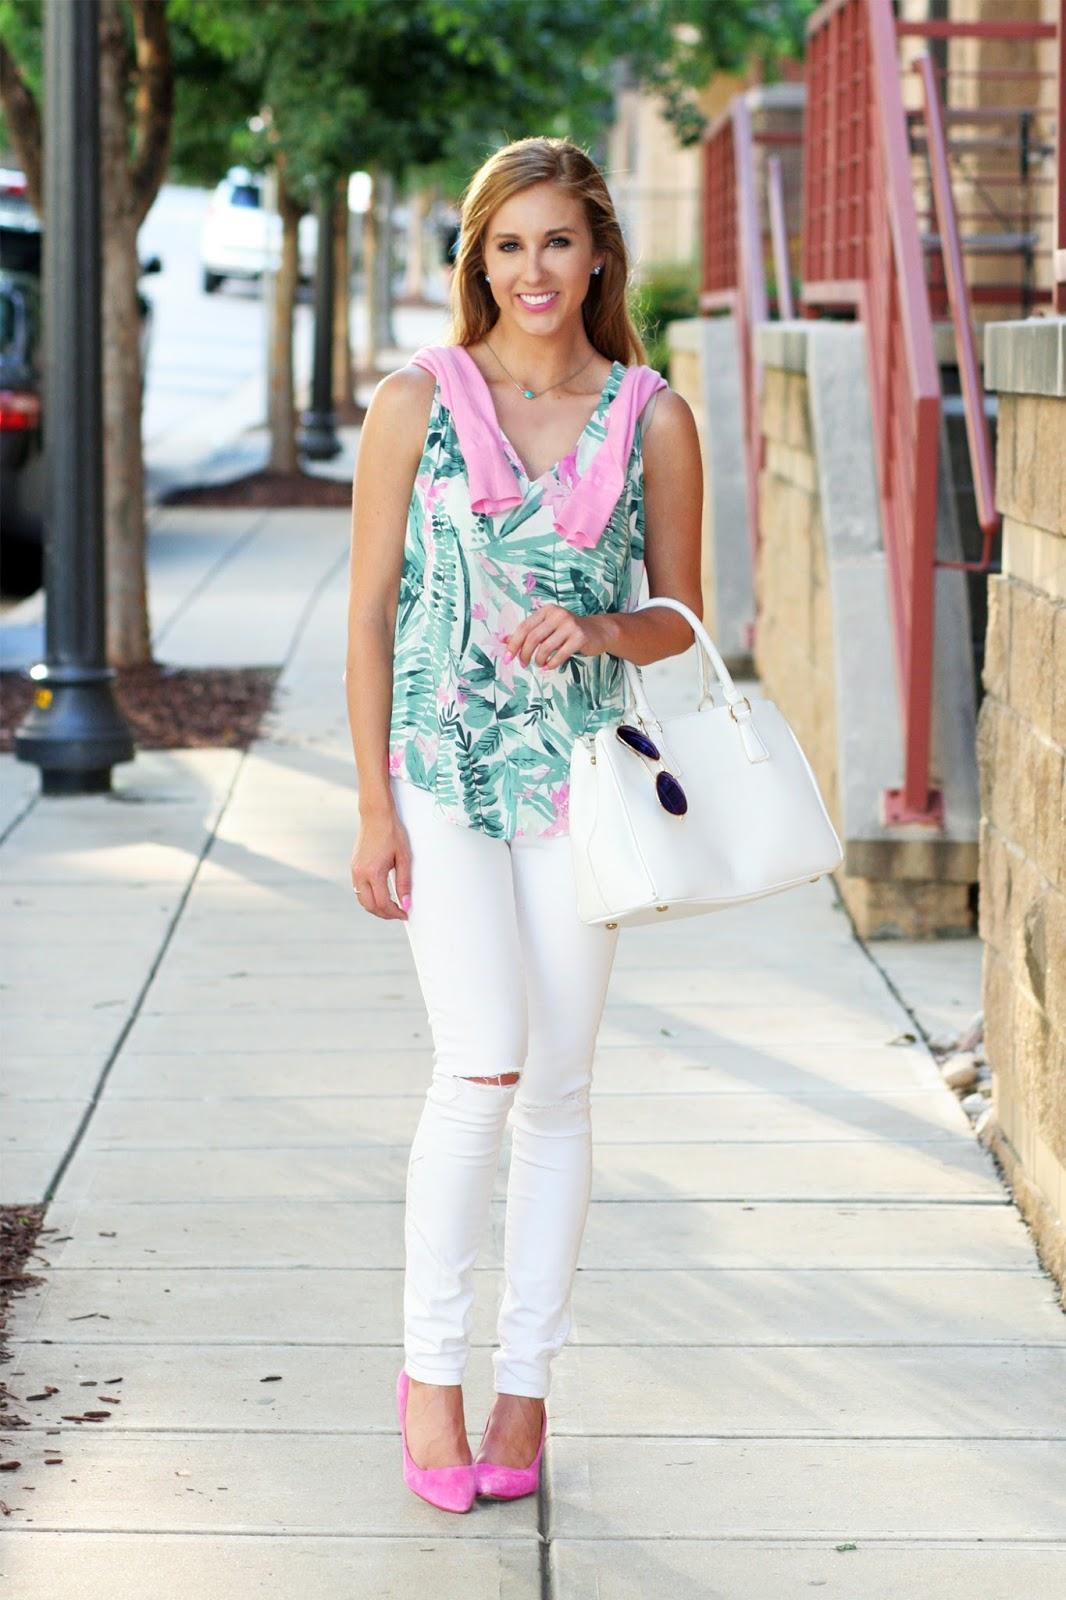 Sara-kate-styling-steadman-fashion-blogger-raleigh-north-carolina